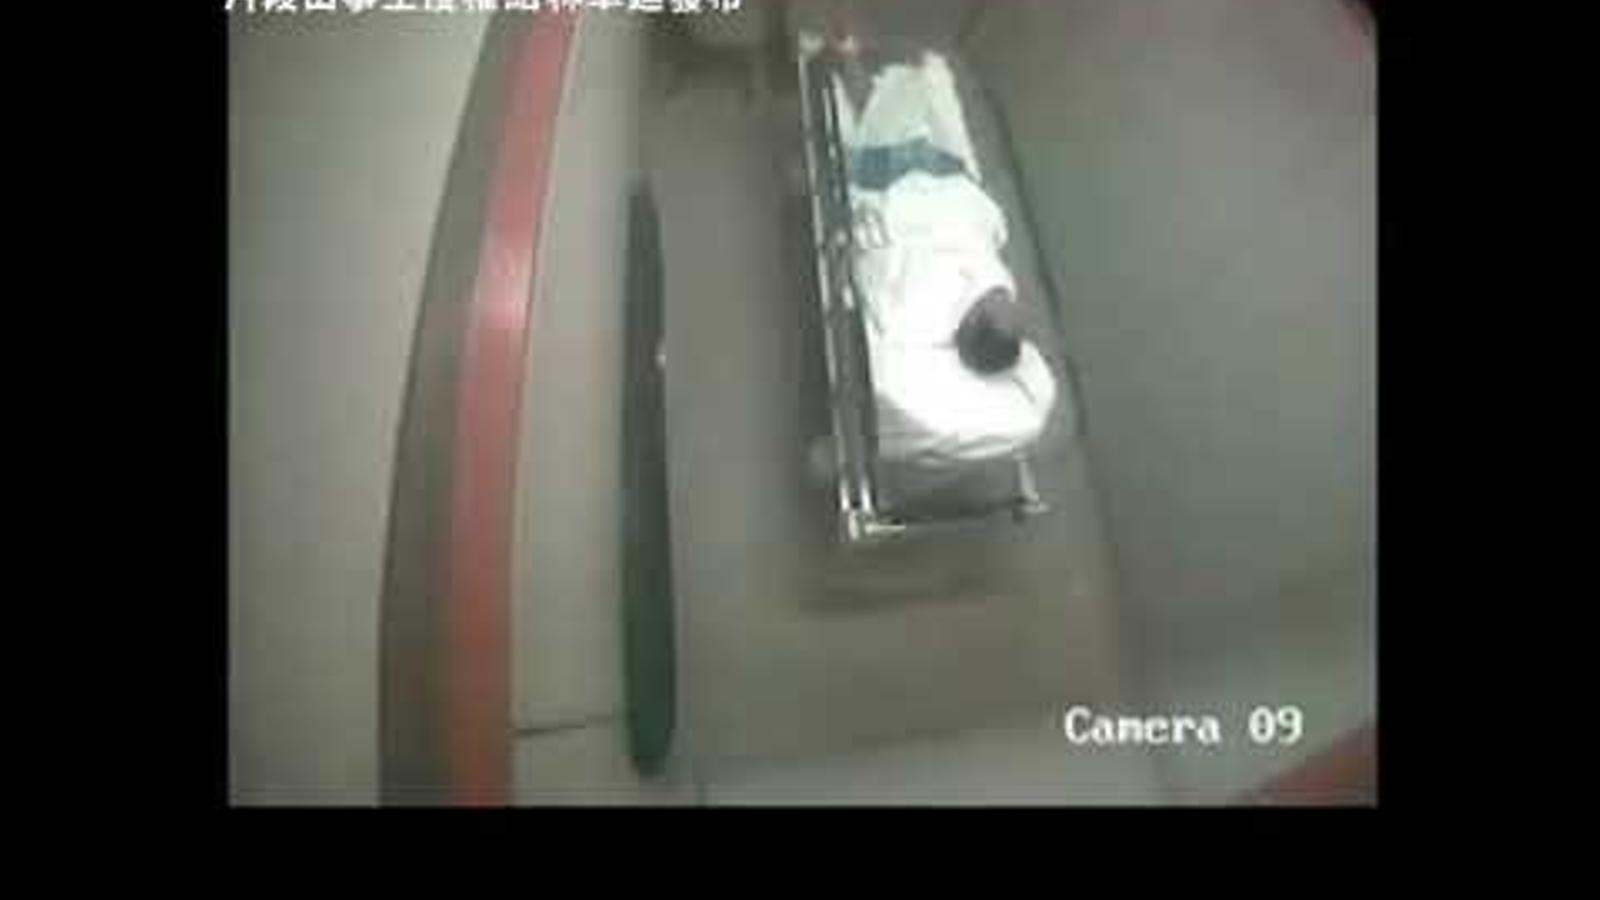 Dos agents de la policia de Hong Kong torturen un home en un hospital.